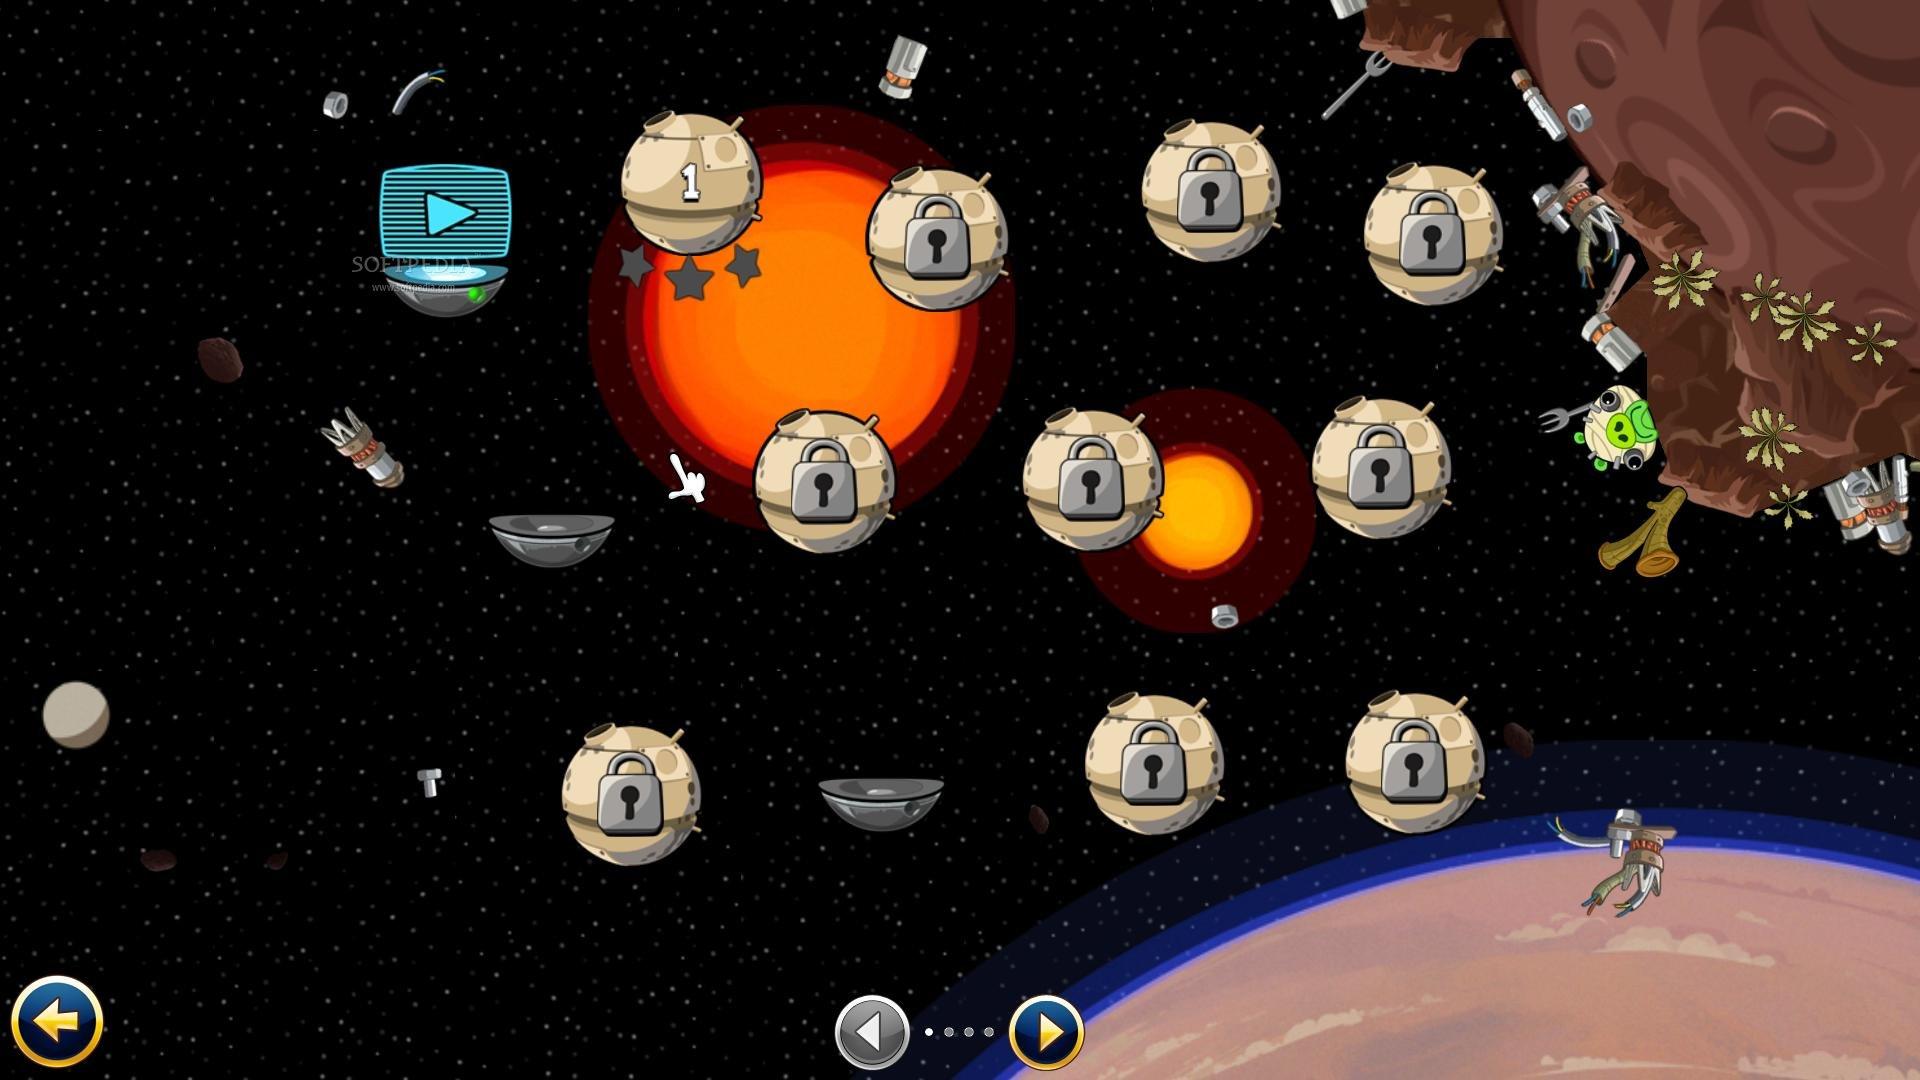 Ya chole con este juego o no chilango - Angry birds star wars 8 ...